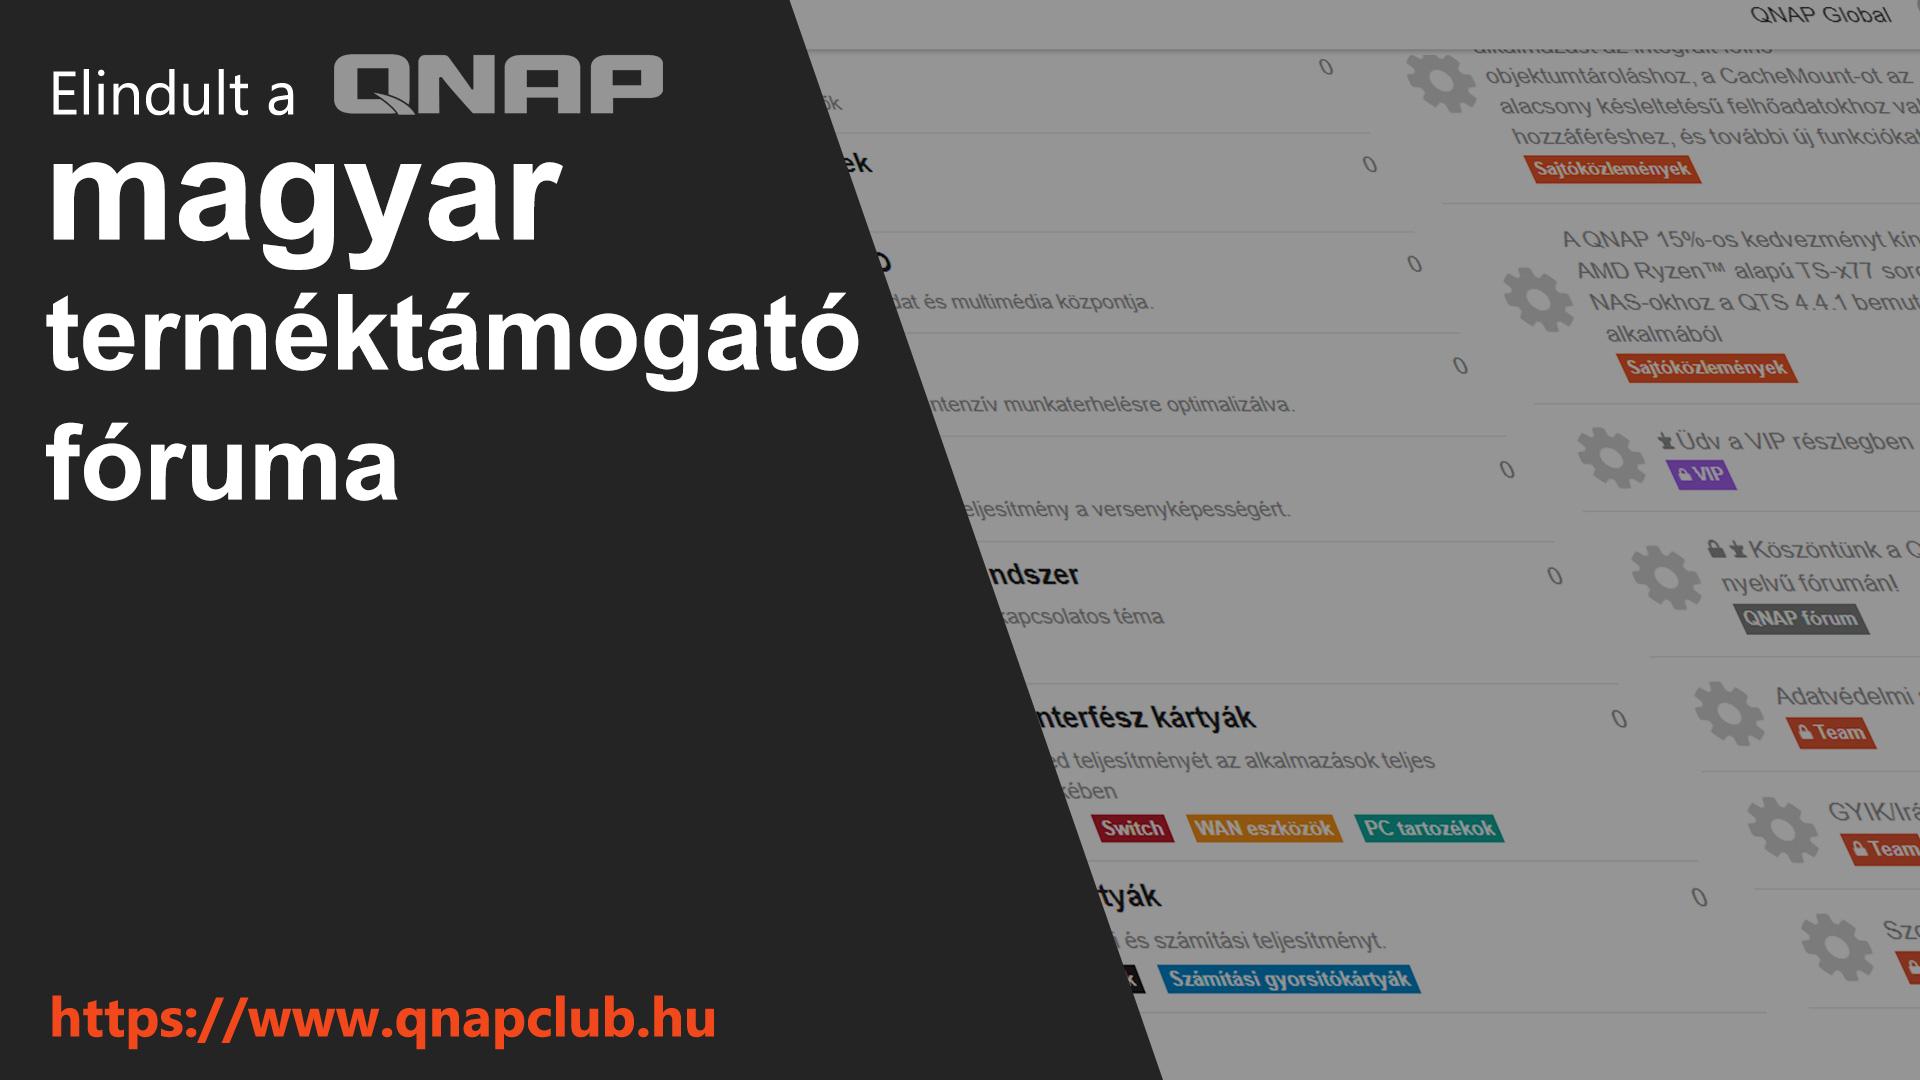 Elindult a QNAP magyar terméktámogató fóruma –  a QNAP Club